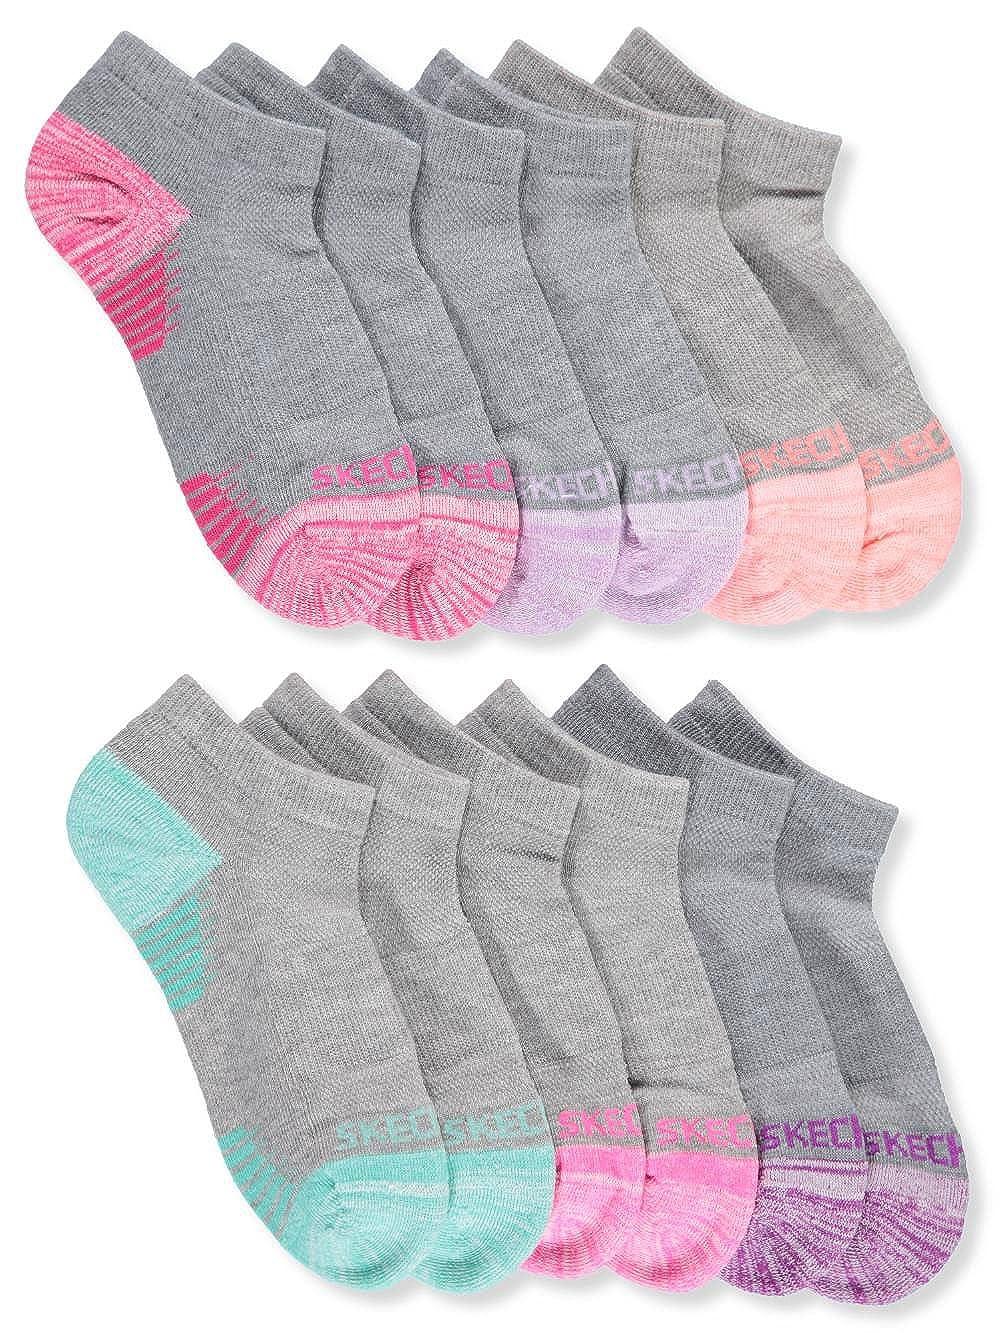 Skechers Girls' 6-Pack Low Cut Socks